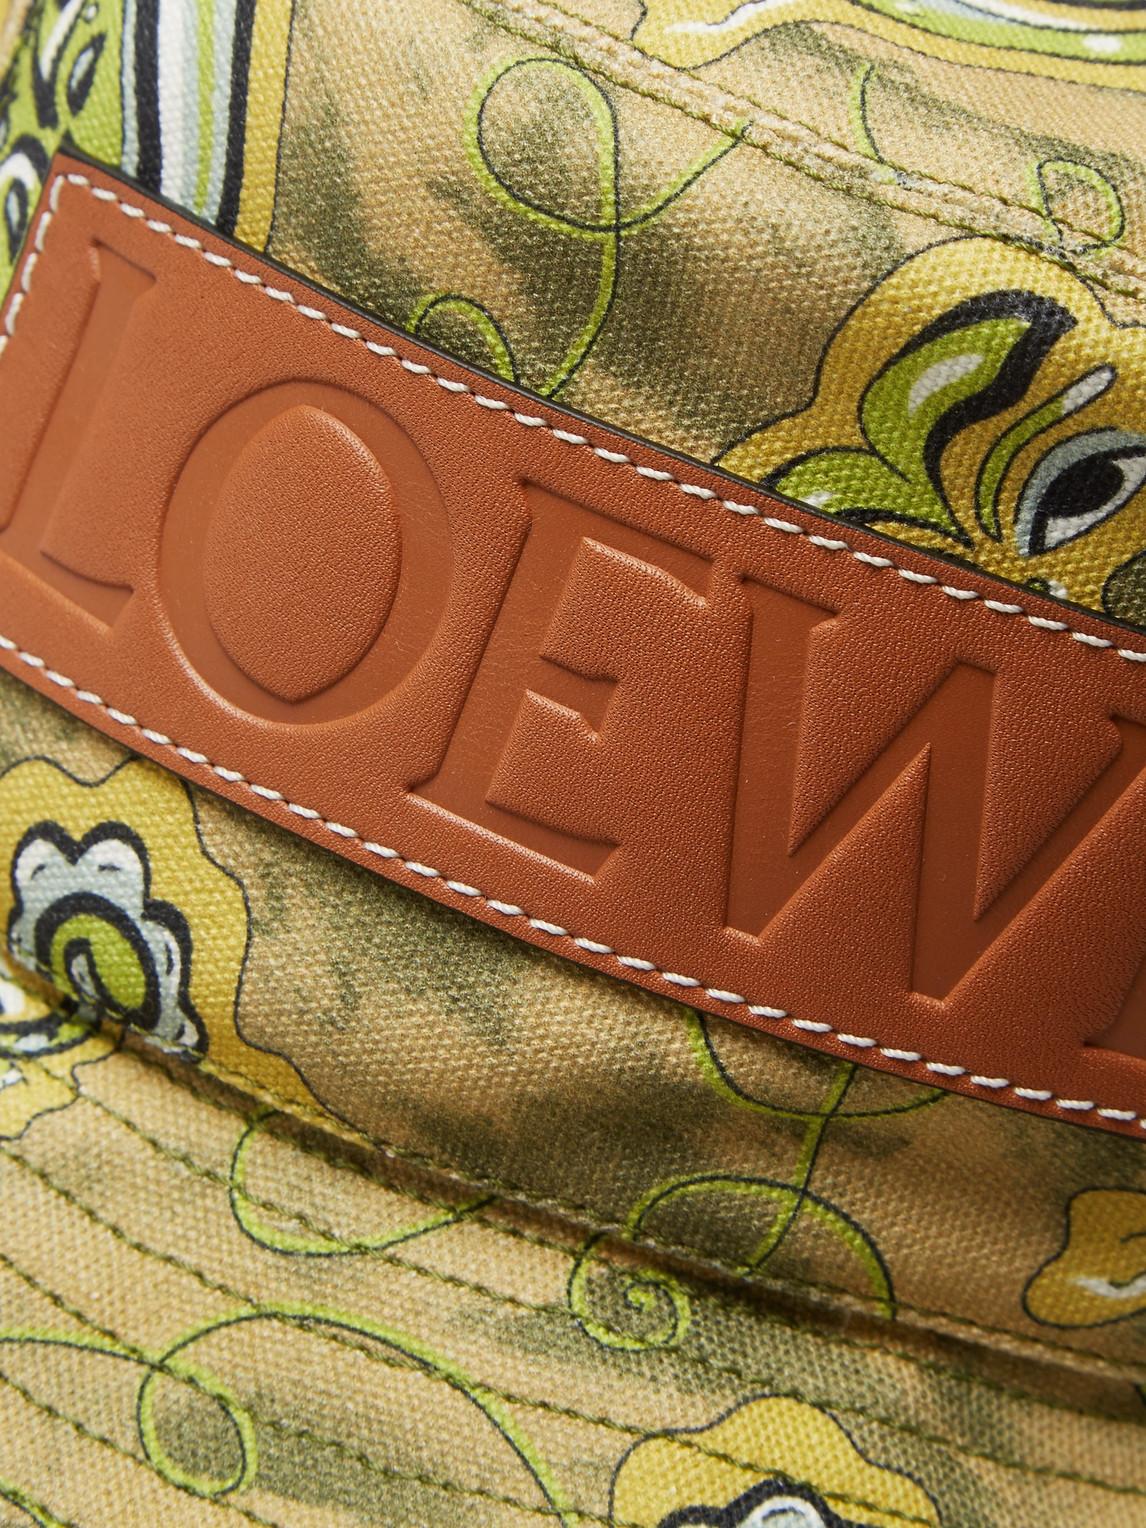 Loewe Accessories PAULA'S IBIZA LEATHER